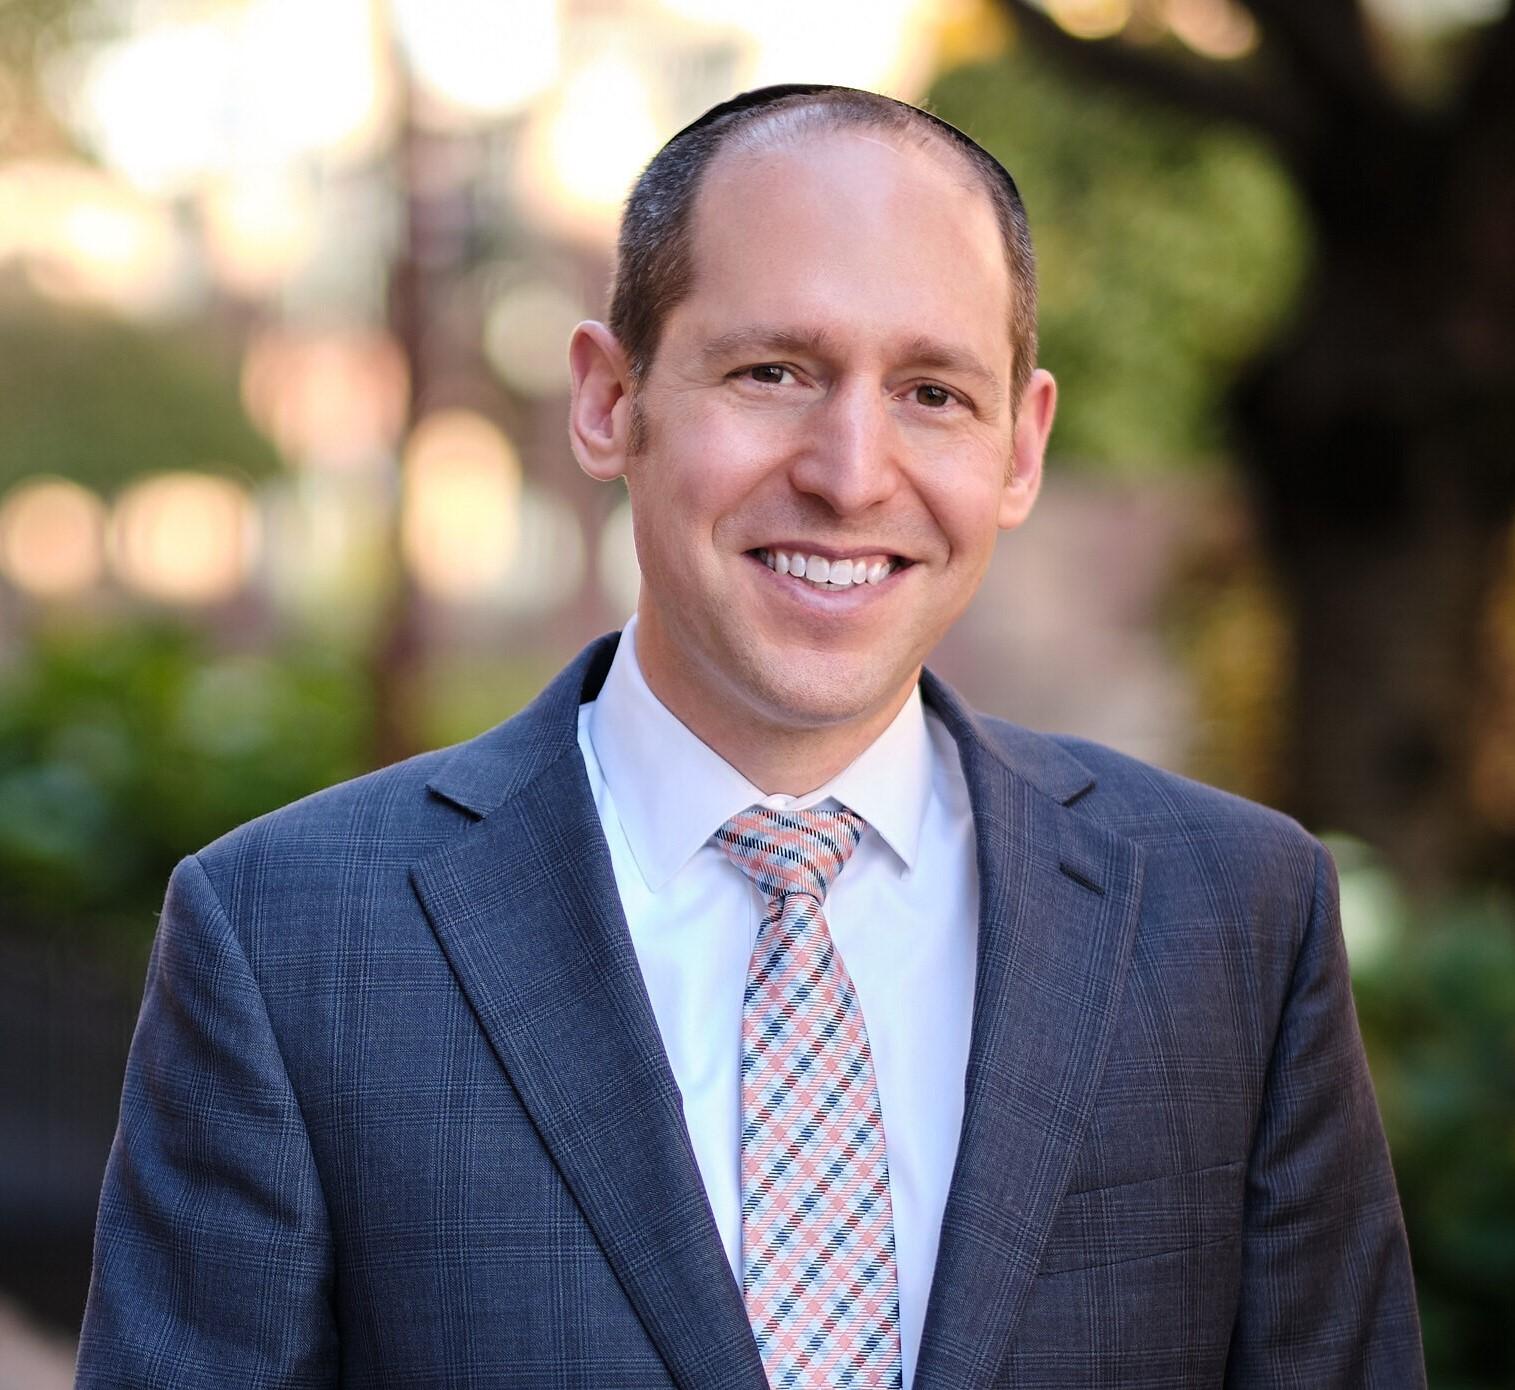 David H. Rosmarin smiling